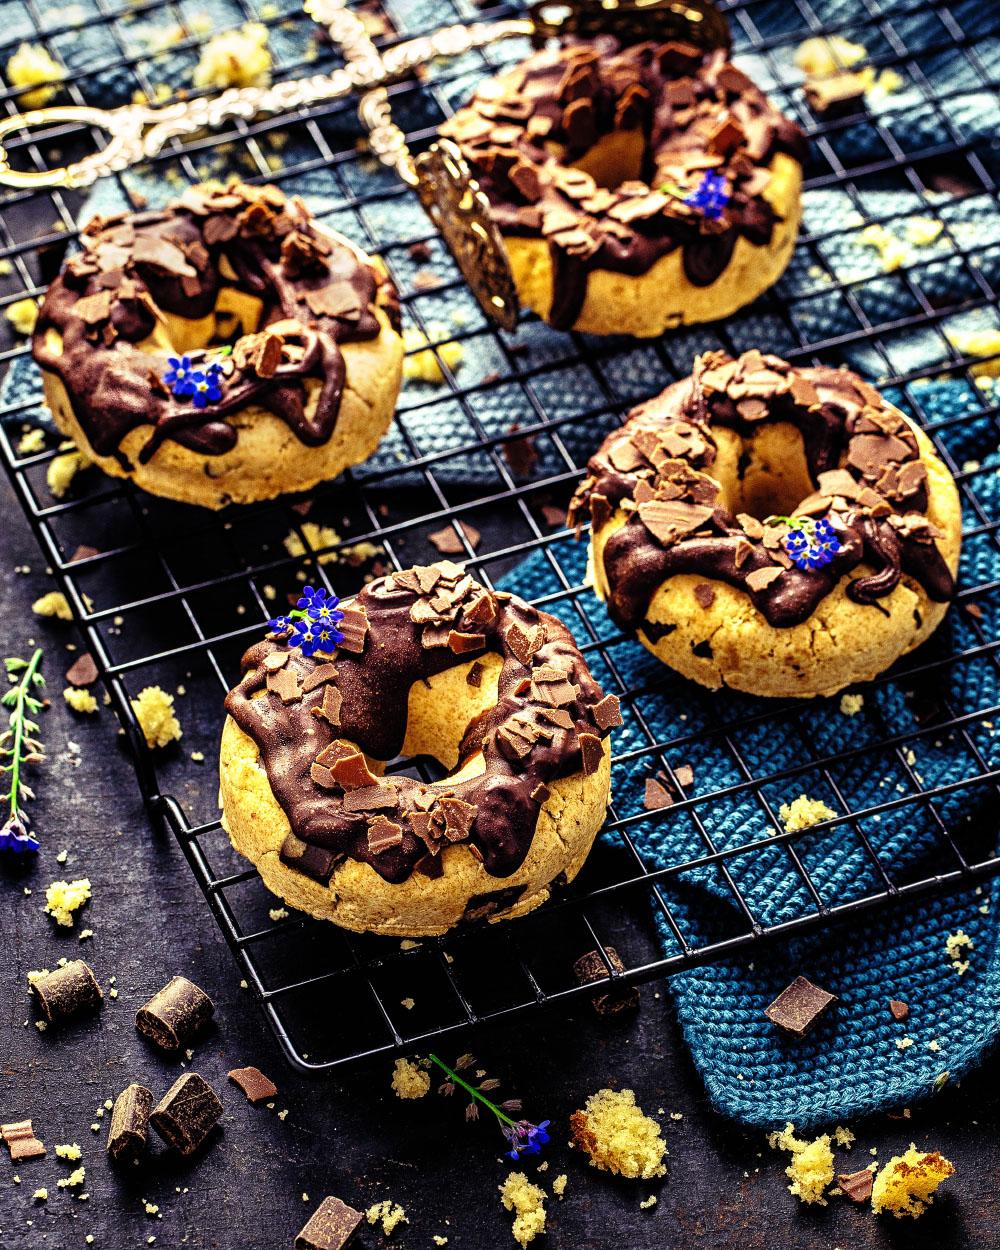 Schokoladen-NoBake-Donuts Resteverwertung-für Rühkuchenreste